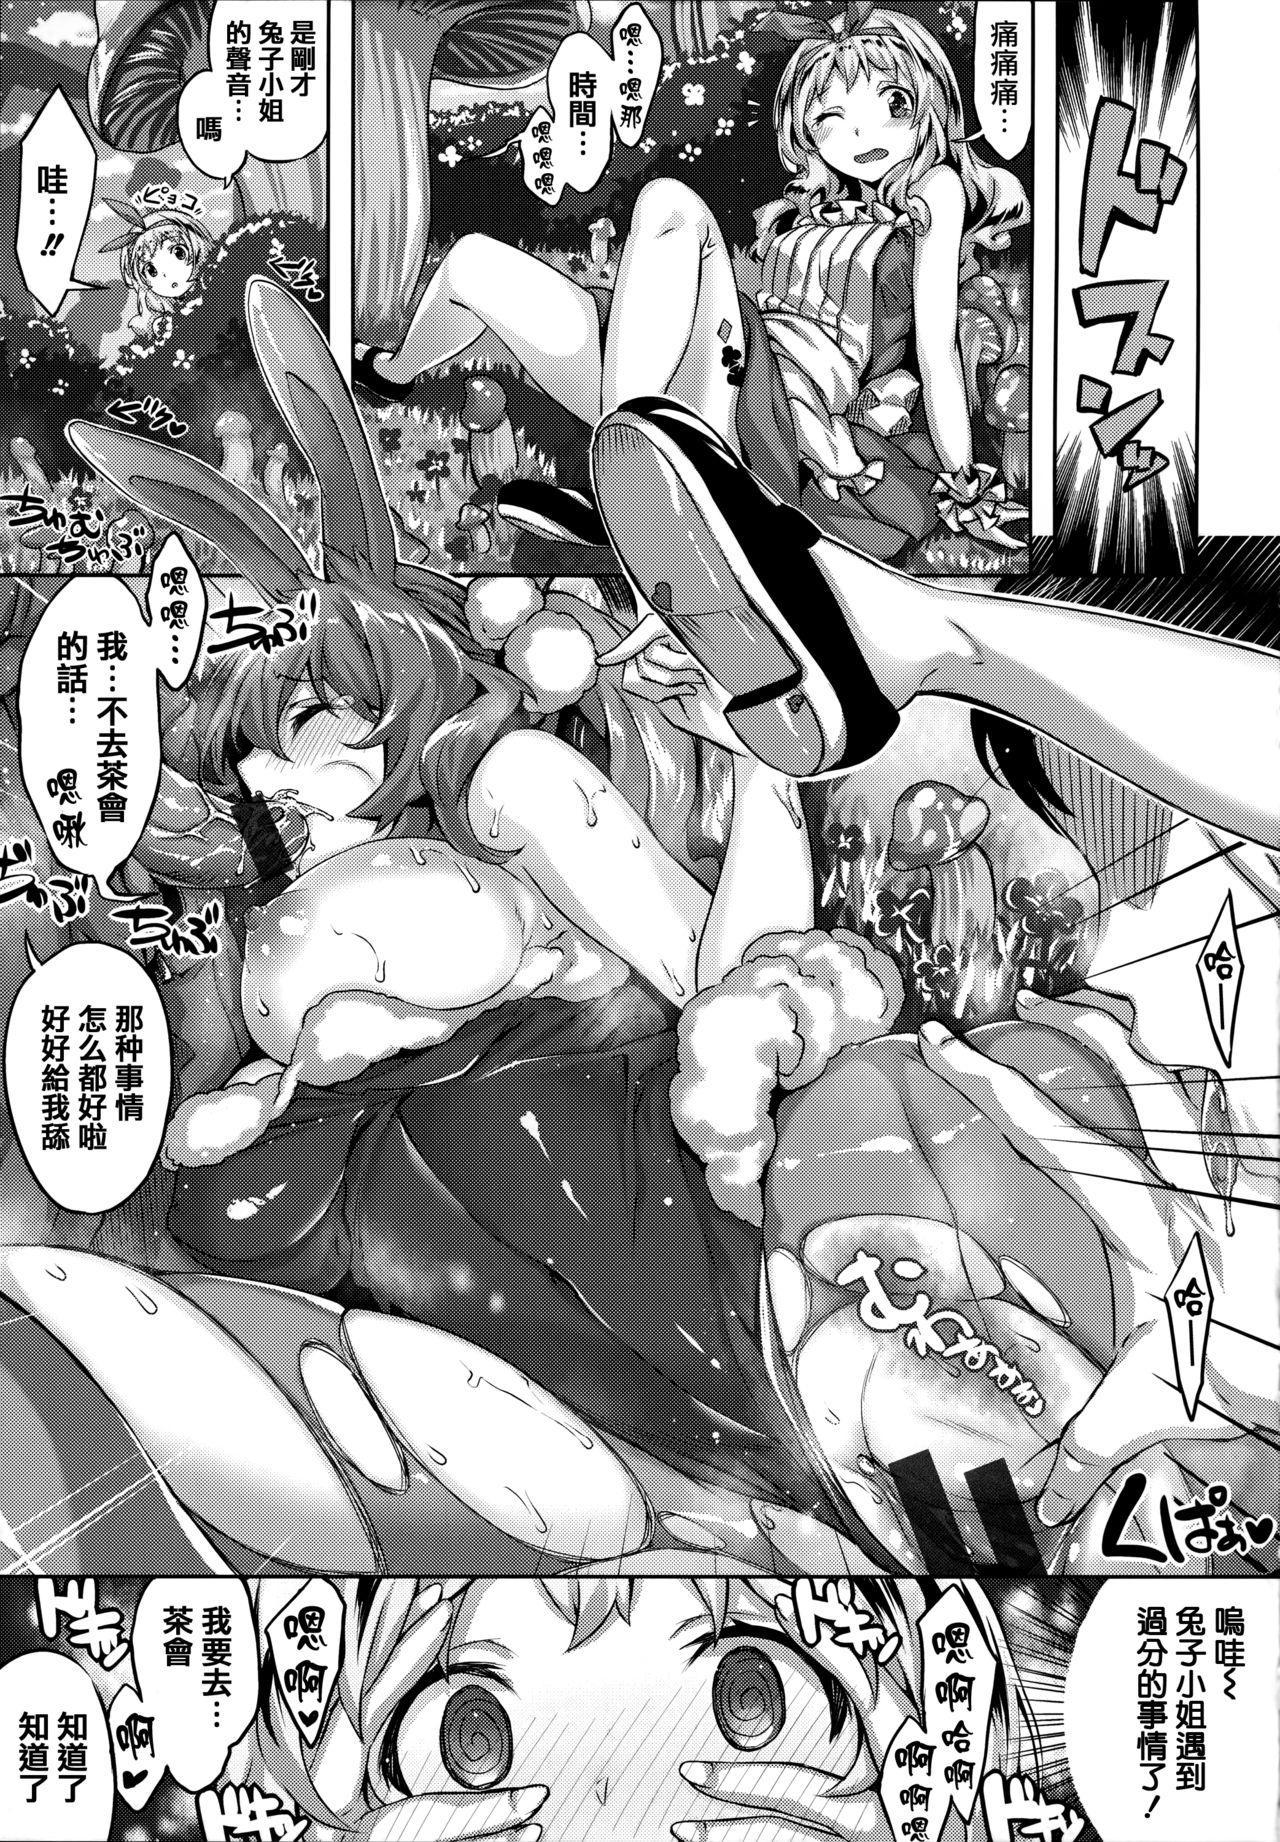 Zutto Daisuki 139